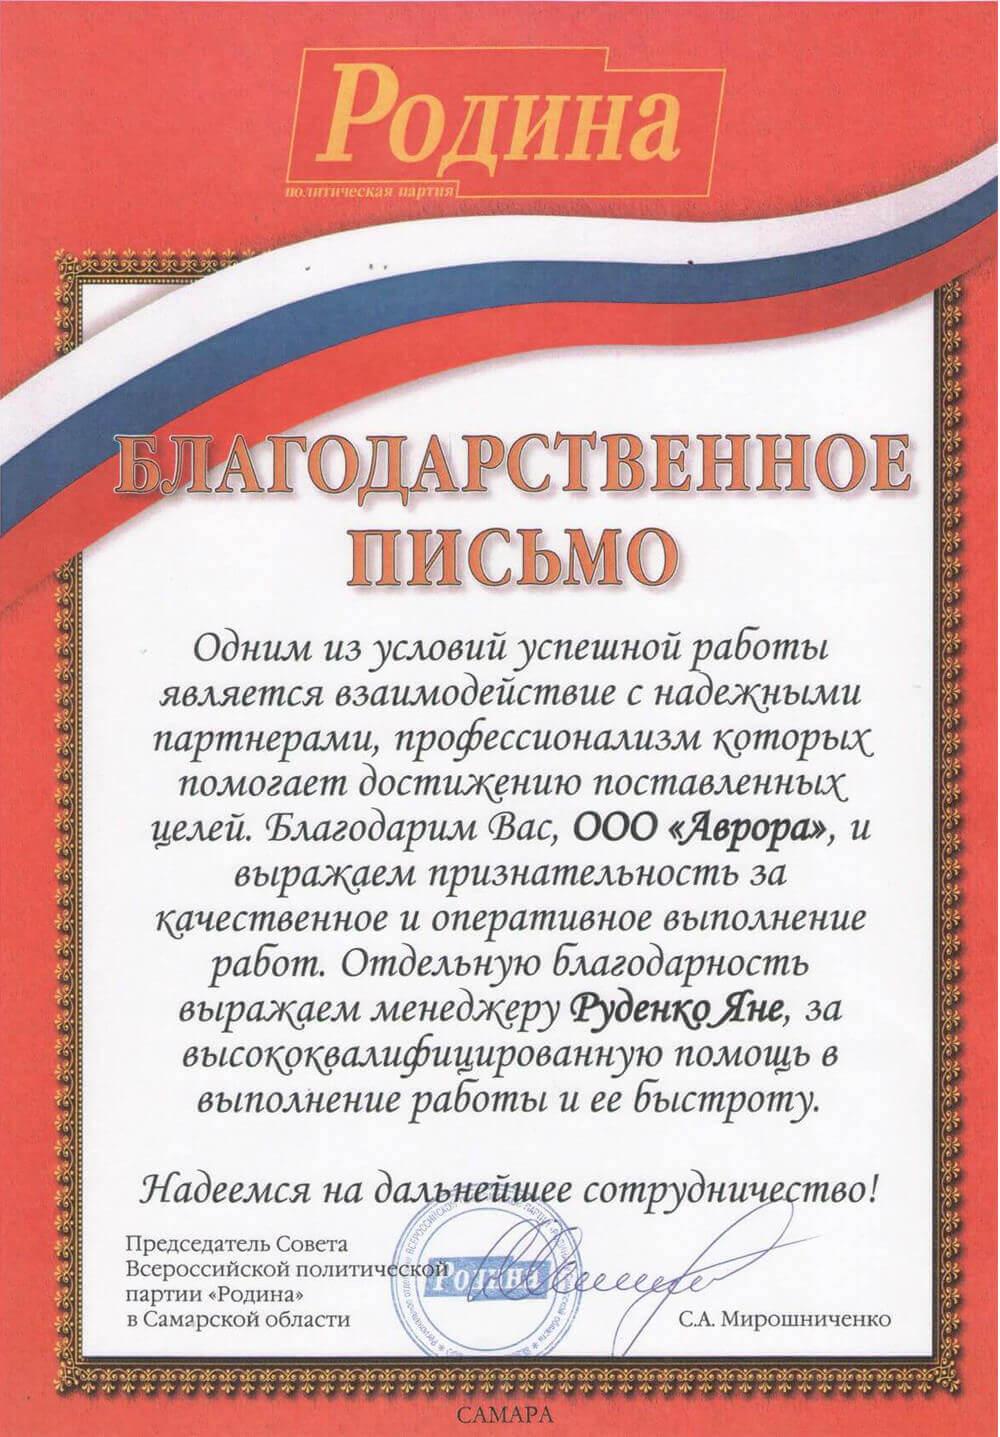 Типография «Аврора» в Самаре